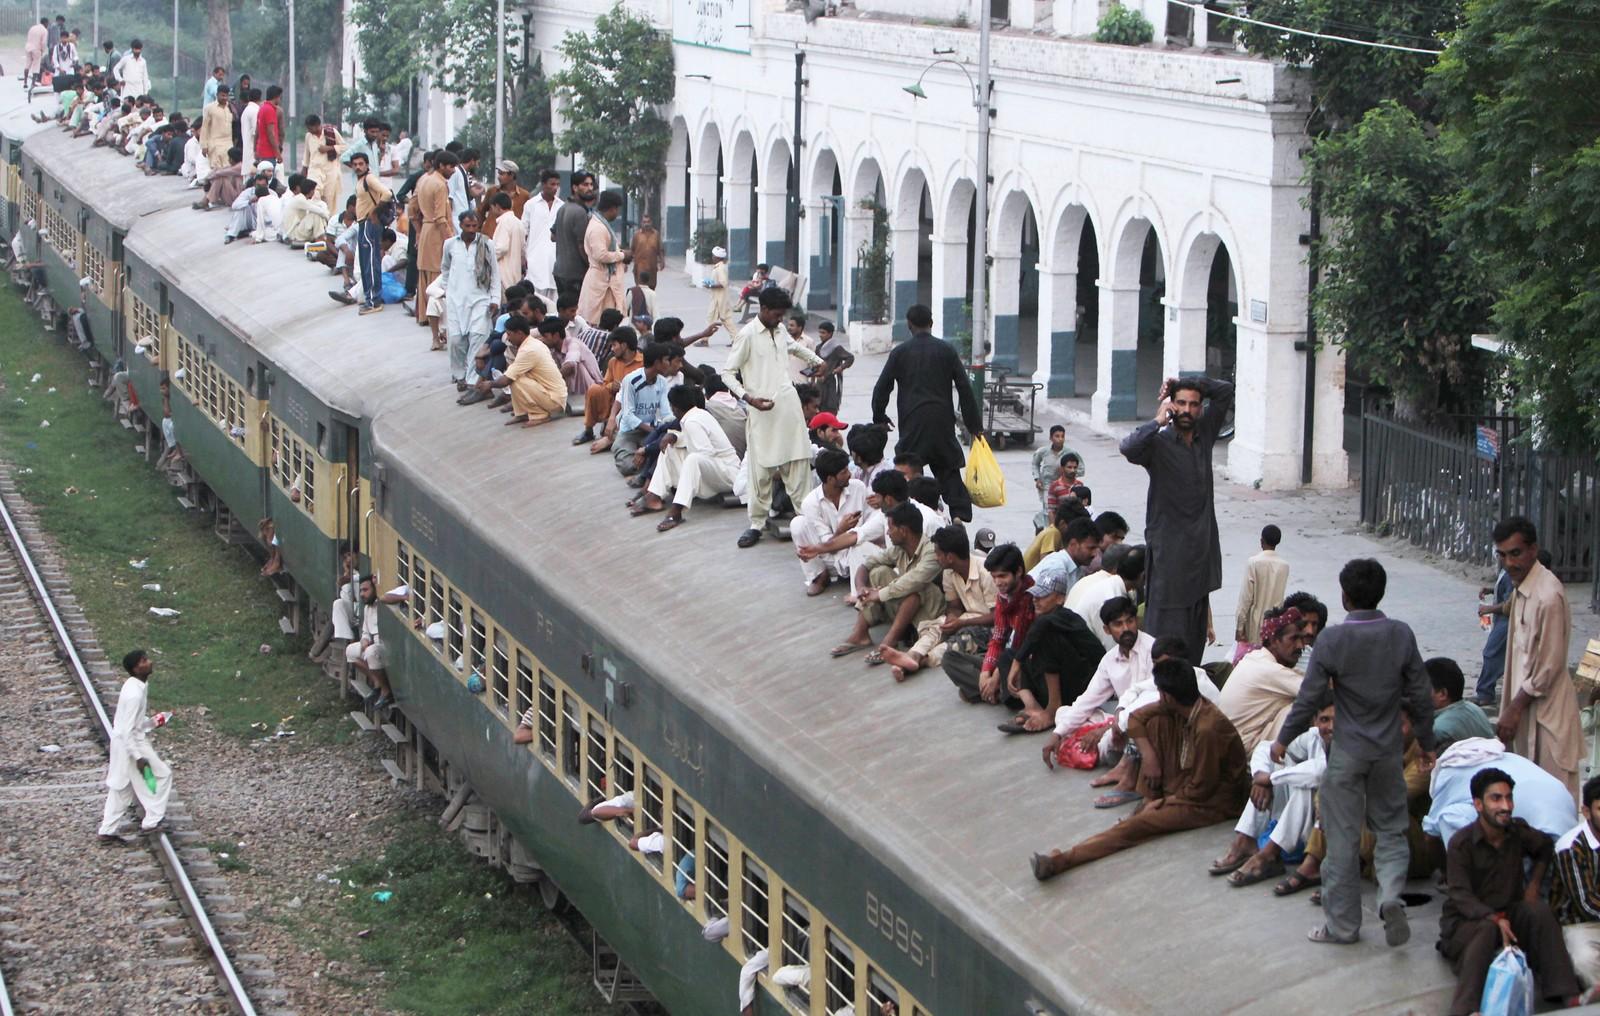 LAHORE: Overfylt tog i Pakistan hvor passasjerene skal hjem for å feire slutten på fastemåneden.